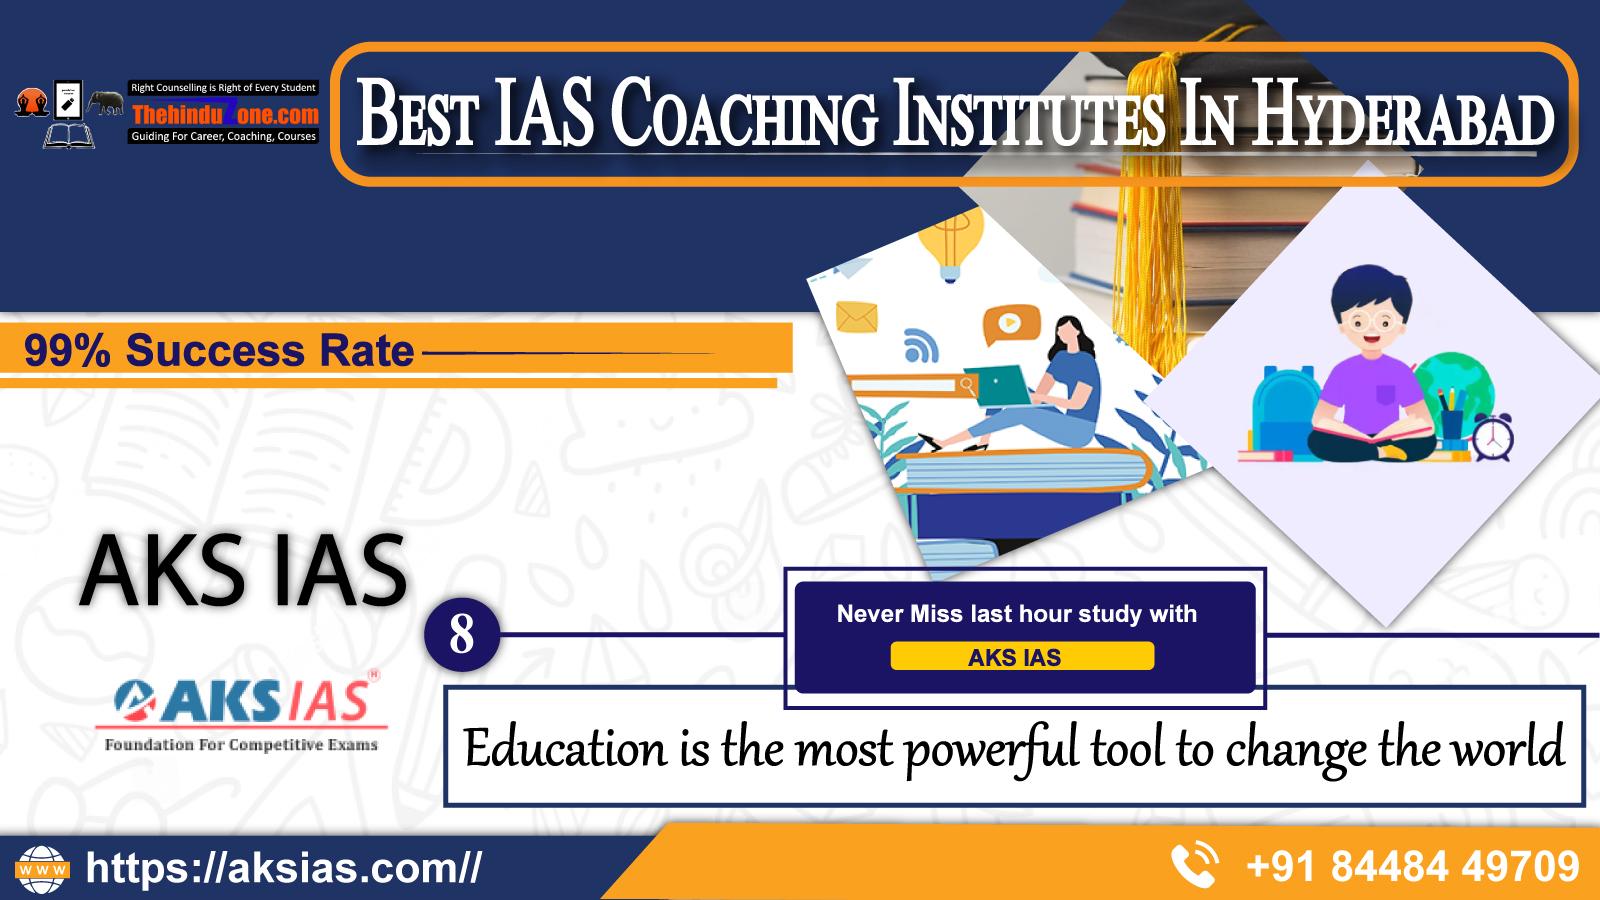 AKS IAS Coaching Institute In Hyderabad